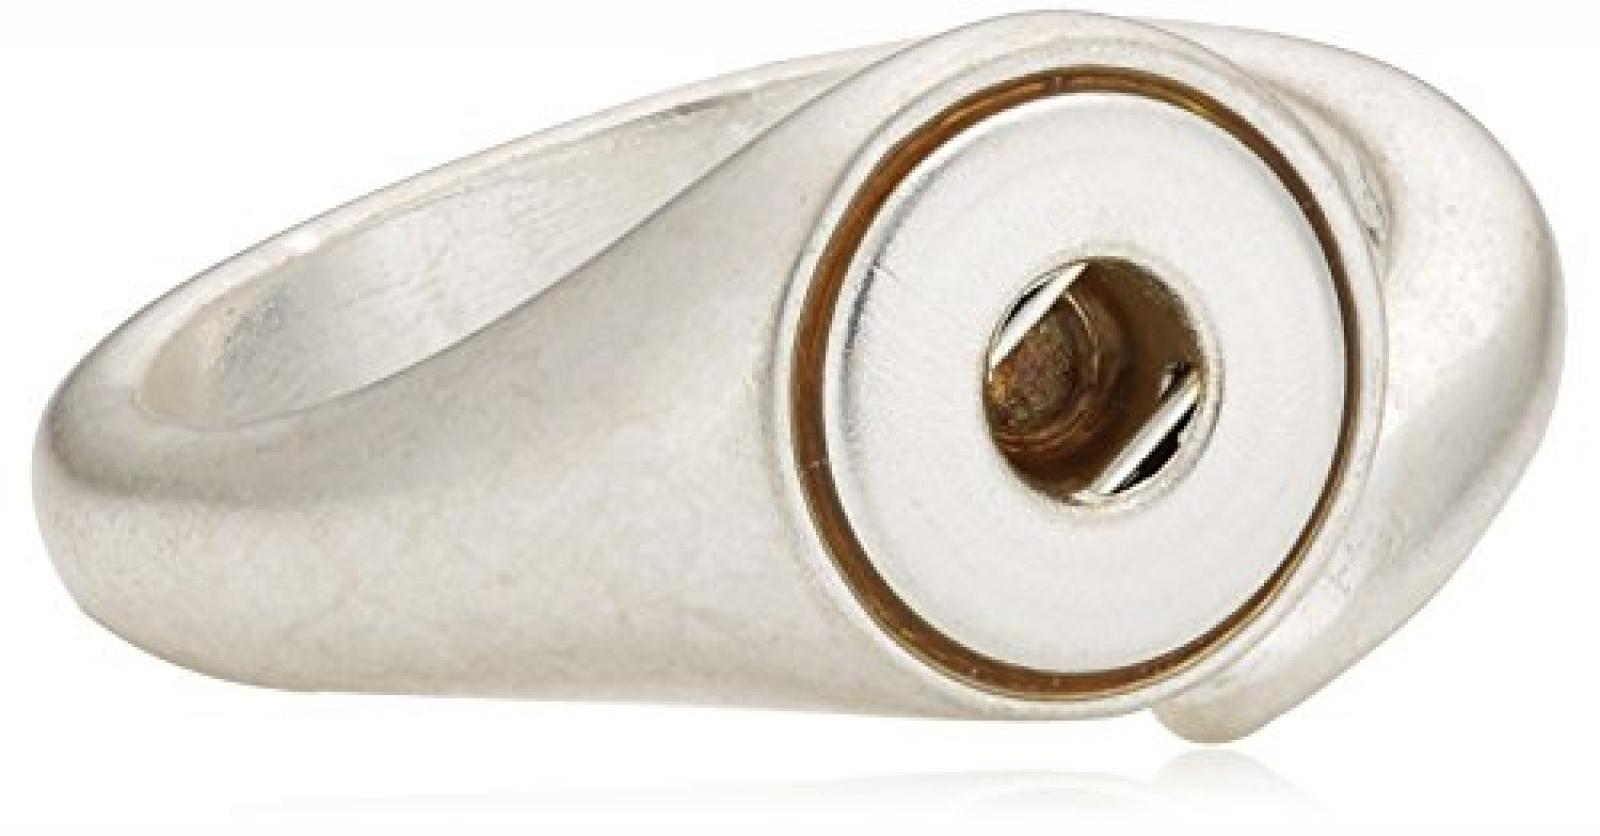 Pilgrim Jewelry Damen-Ring für Snaps aus der Serie Snap versilbert verstellbar 1.4 cm 431236004